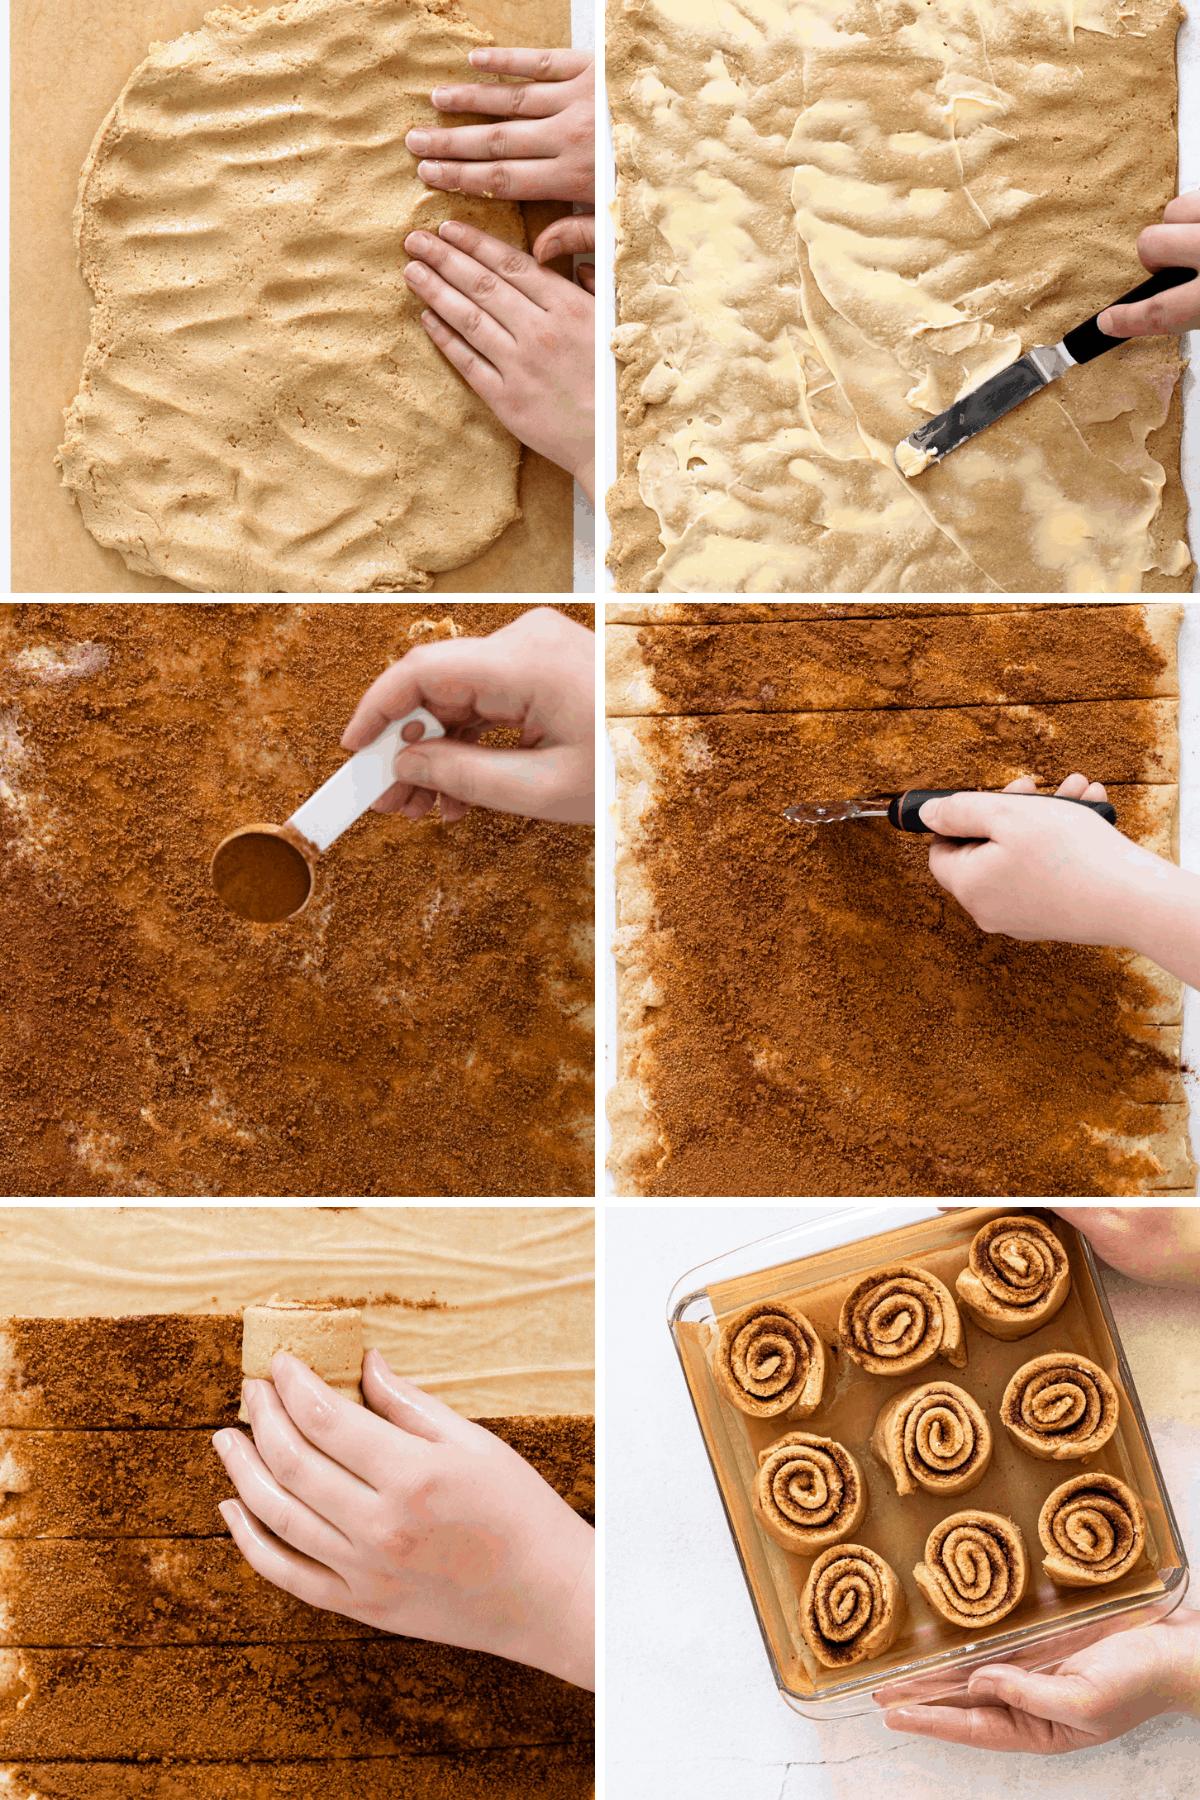 Rolling gluten-free cinnamon rolls.